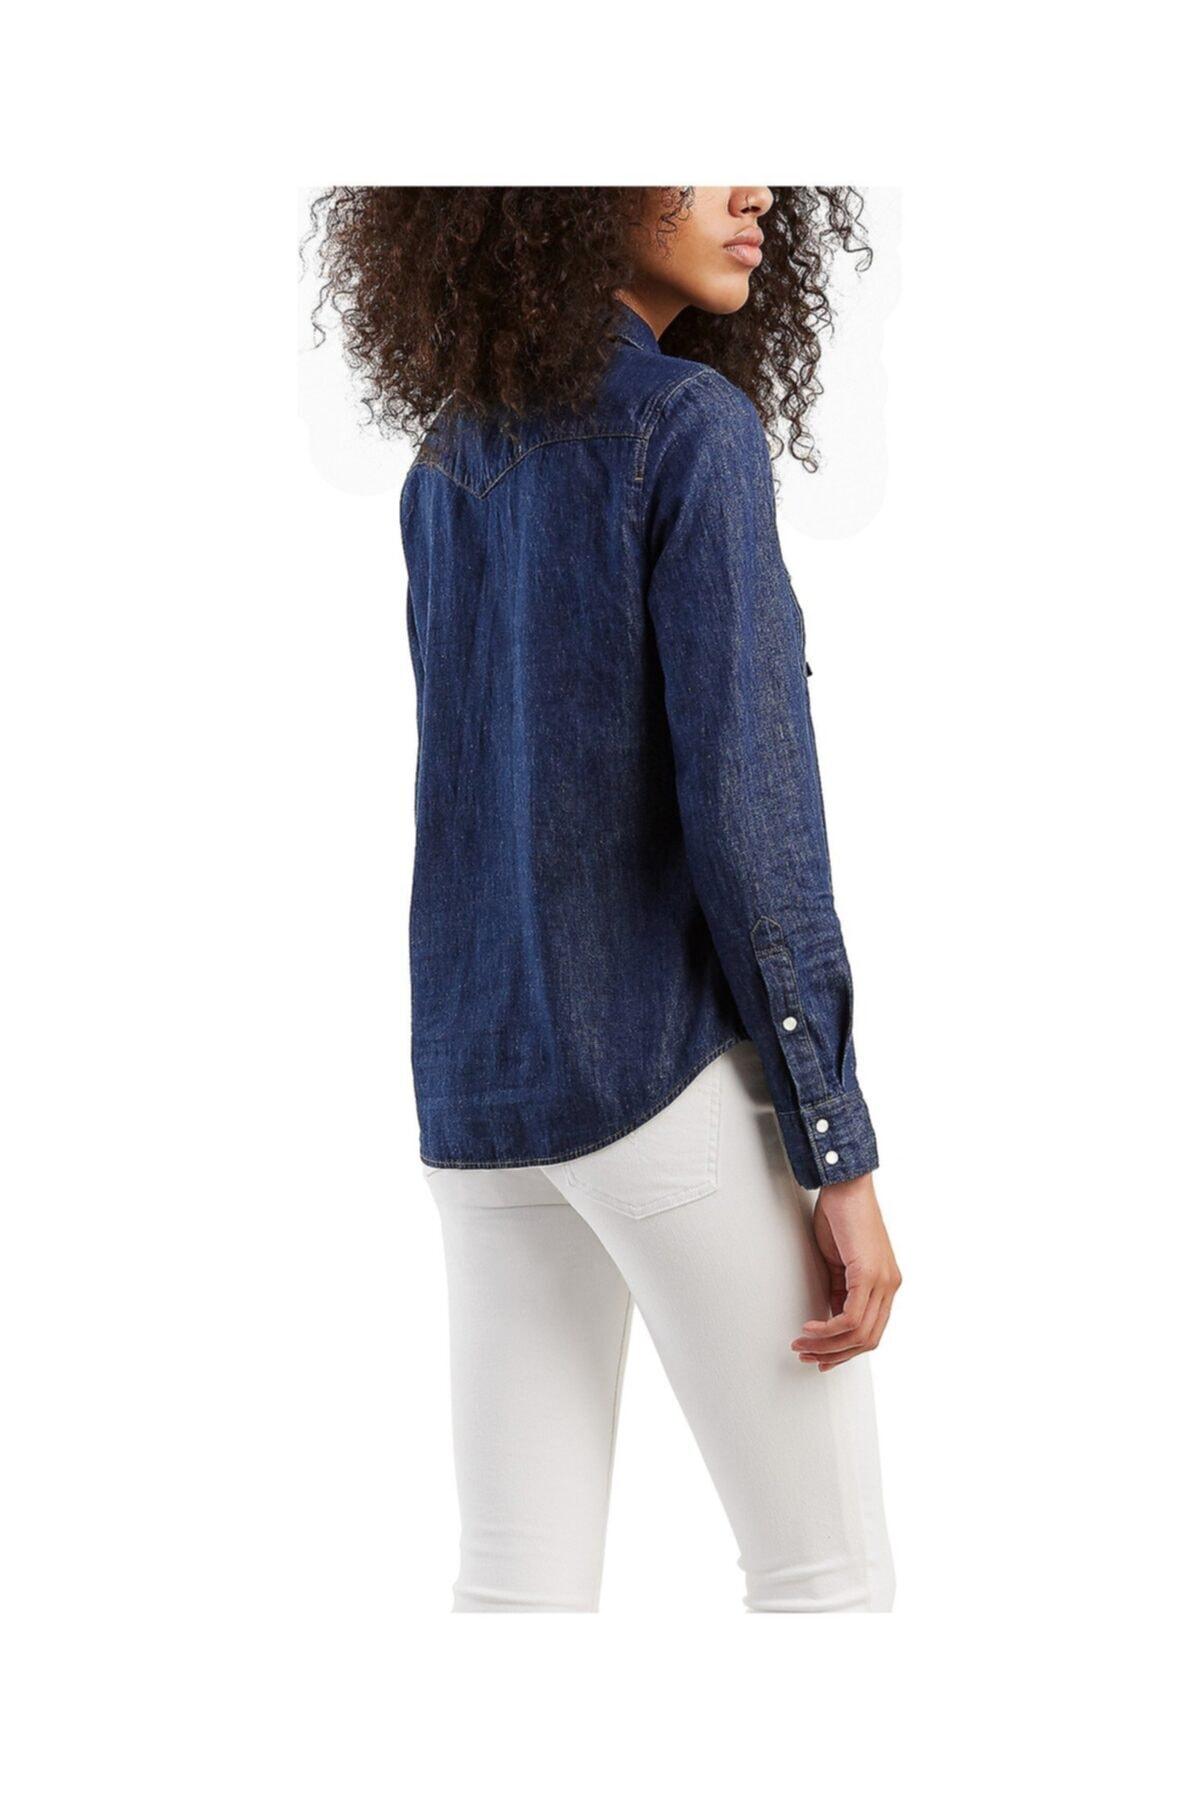 Levi's Kadın Lacivert The Ultımate Western Jean Gömlek 2